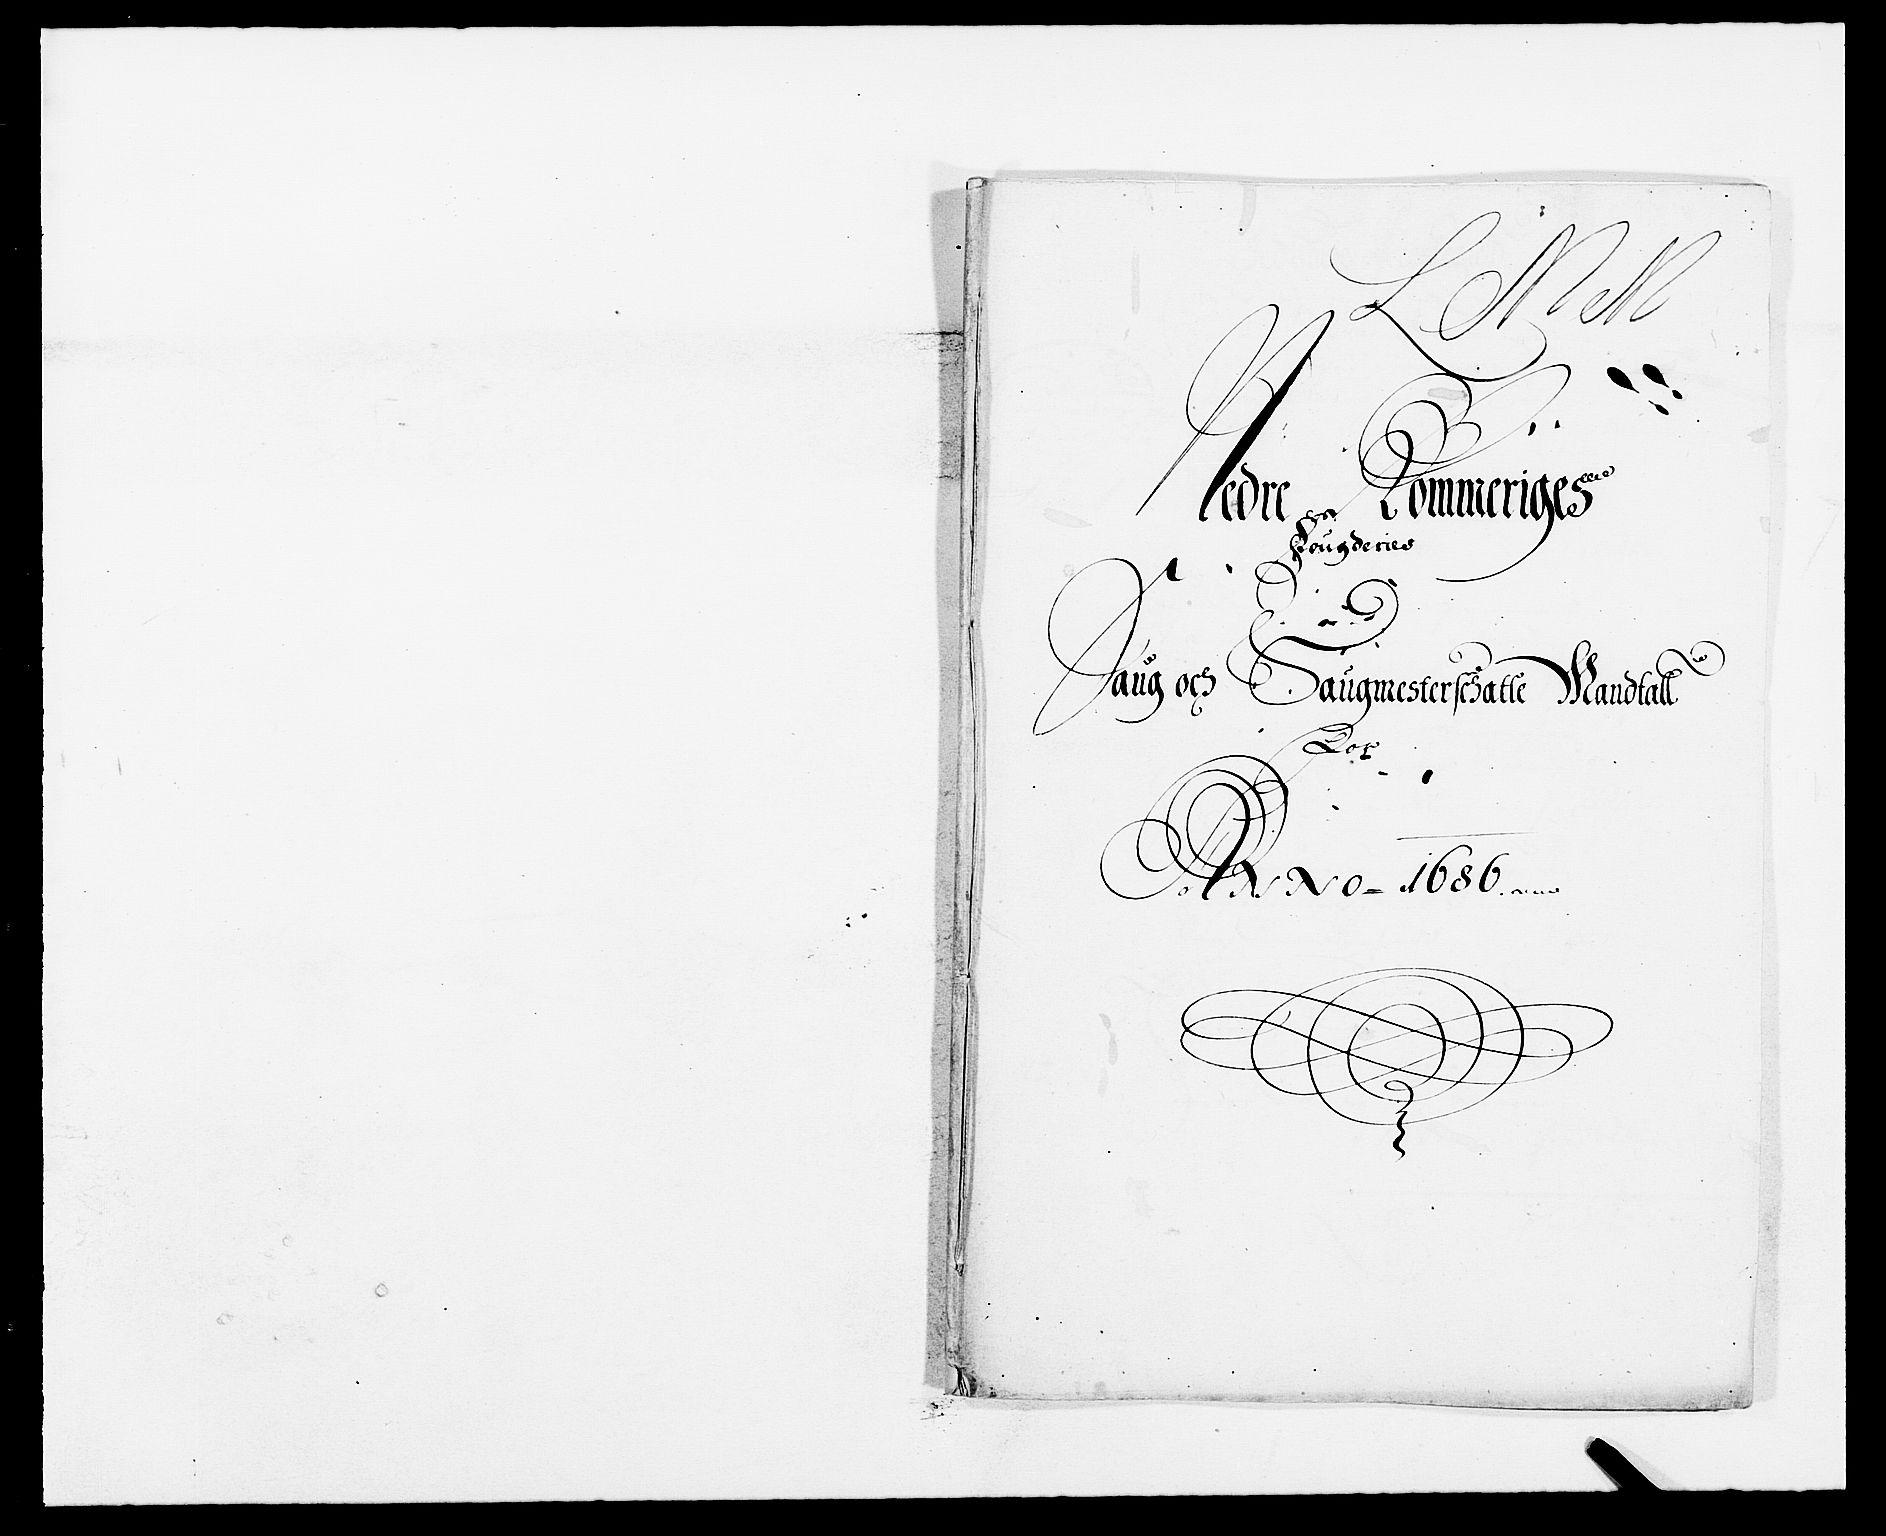 RA, Rentekammeret inntil 1814, Reviderte regnskaper, Fogderegnskap, R11/L0572: Fogderegnskap Nedre Romerike, 1686-1687, s. 76